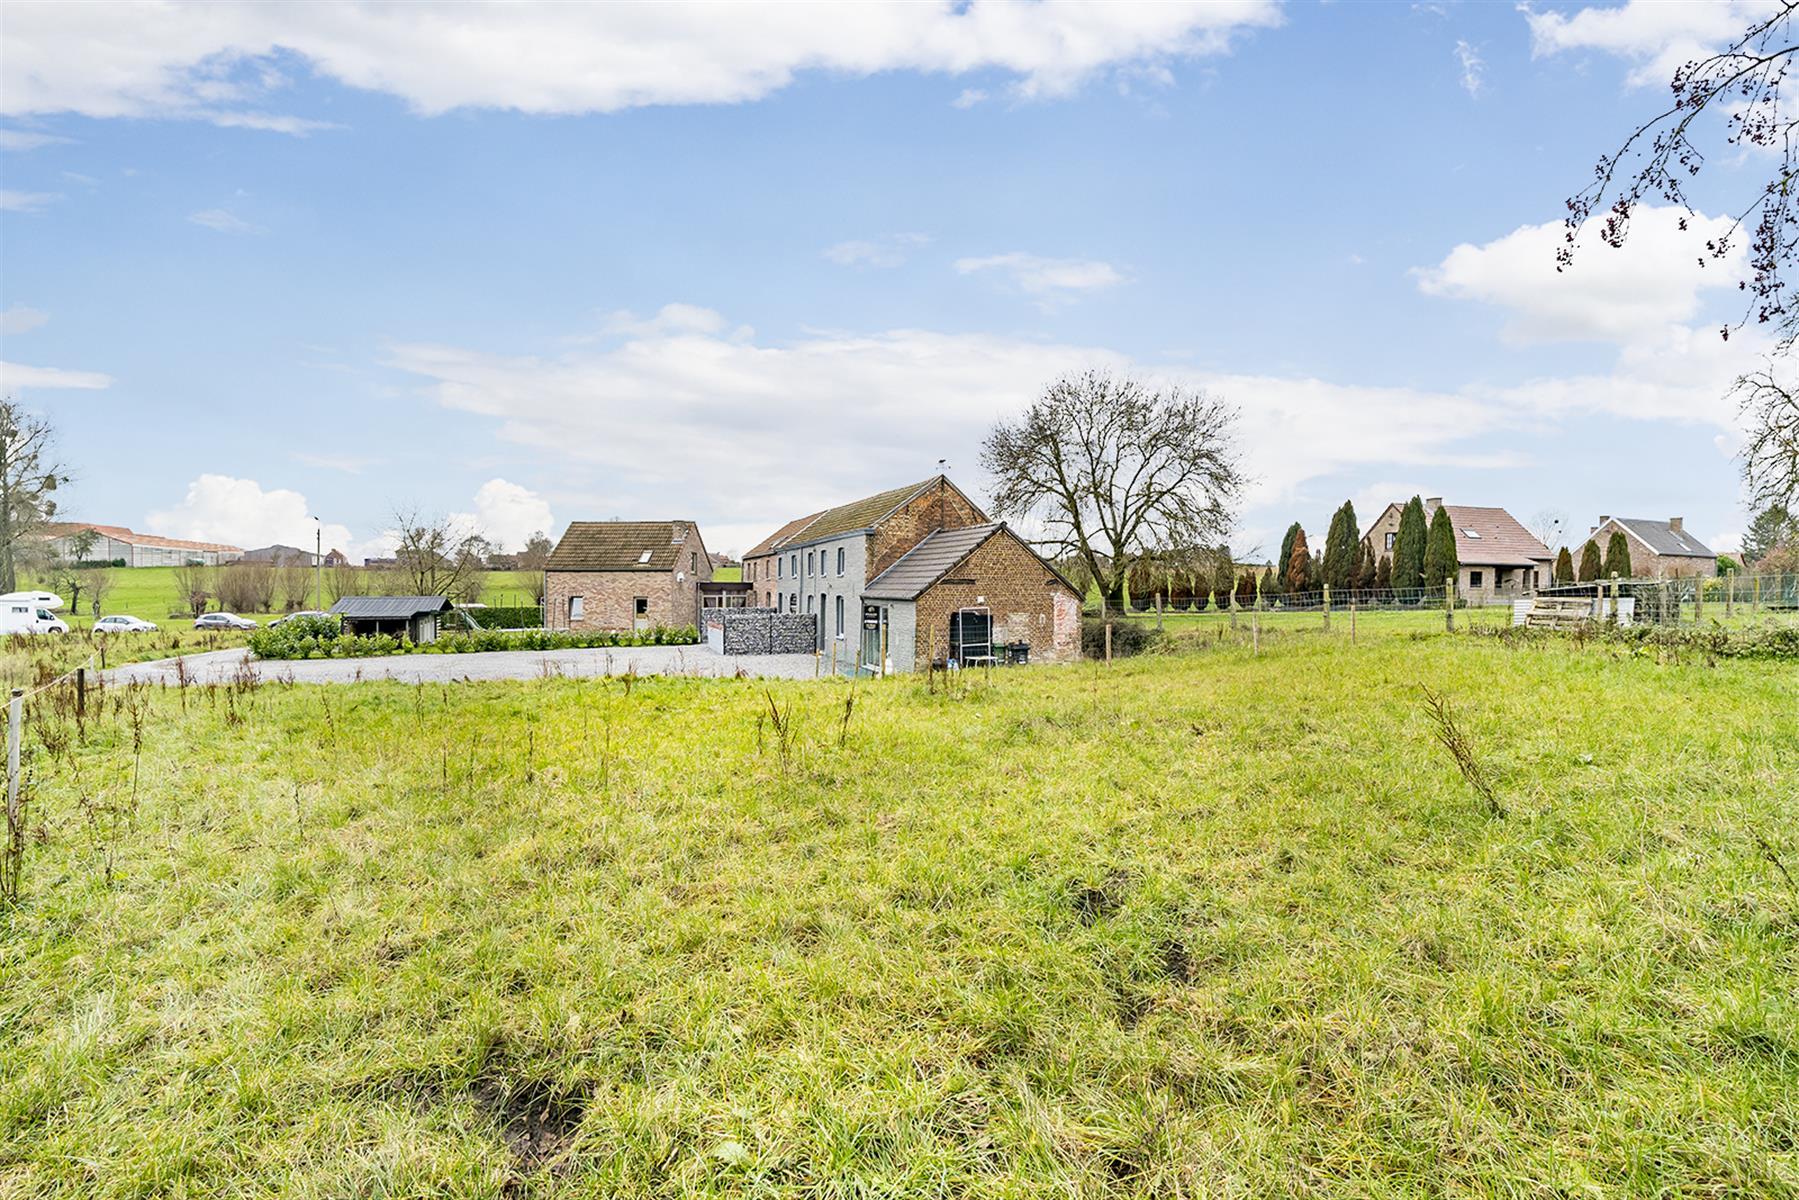 Maison - Saint-Georgessur-Meuse - #3638461-18